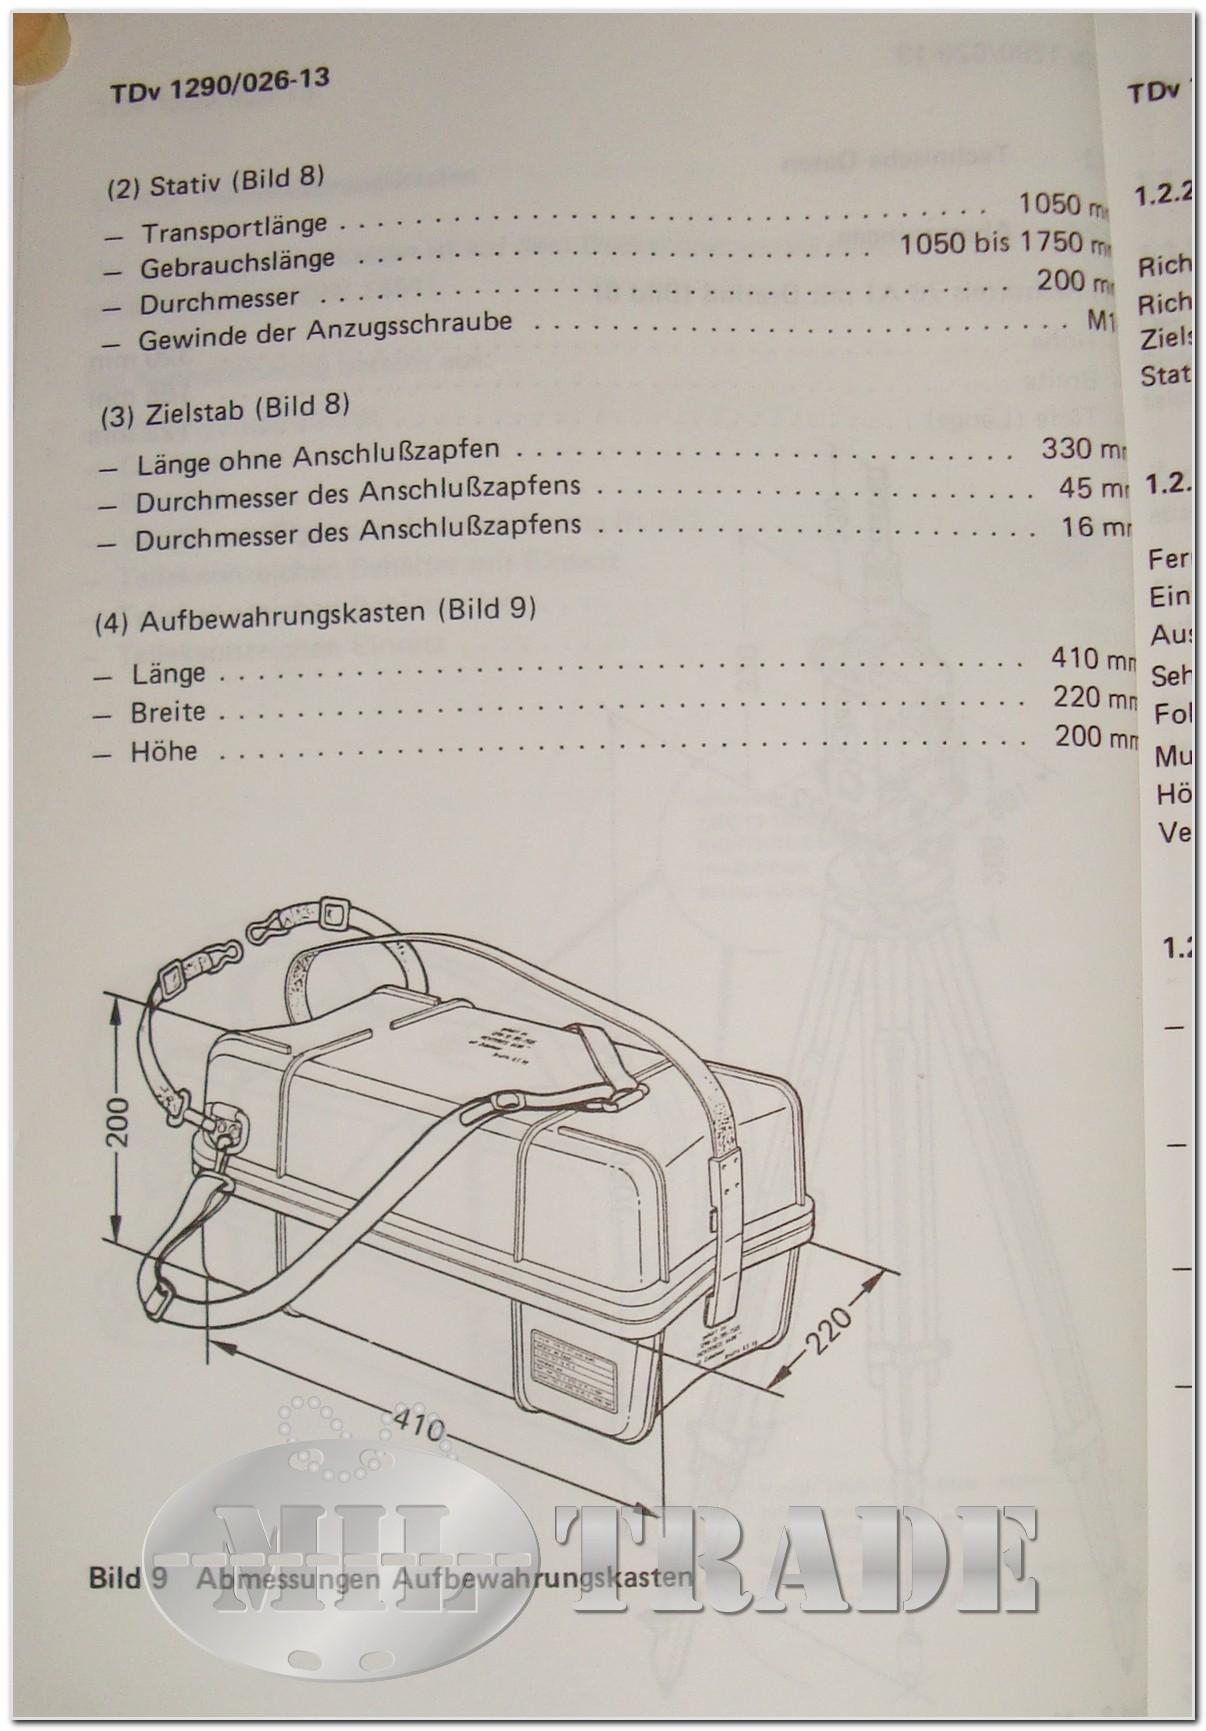 miltrade zeiss richtkreis theodolit auf dreifuss rk 76 a1 mit dreifu zielstab und stativ. Black Bedroom Furniture Sets. Home Design Ideas